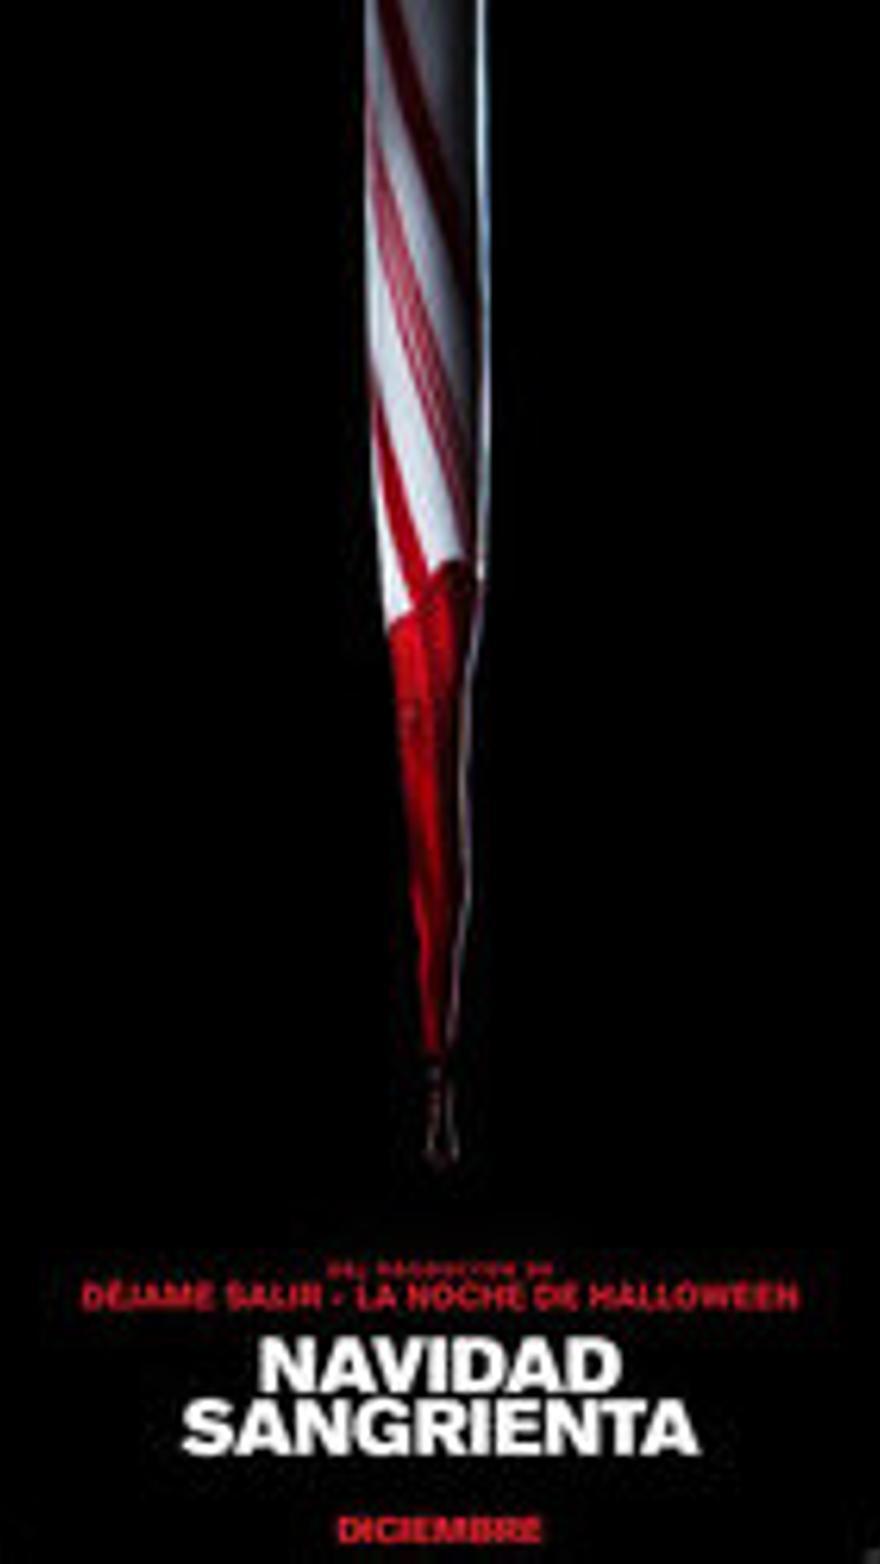 Navidad sangrienta